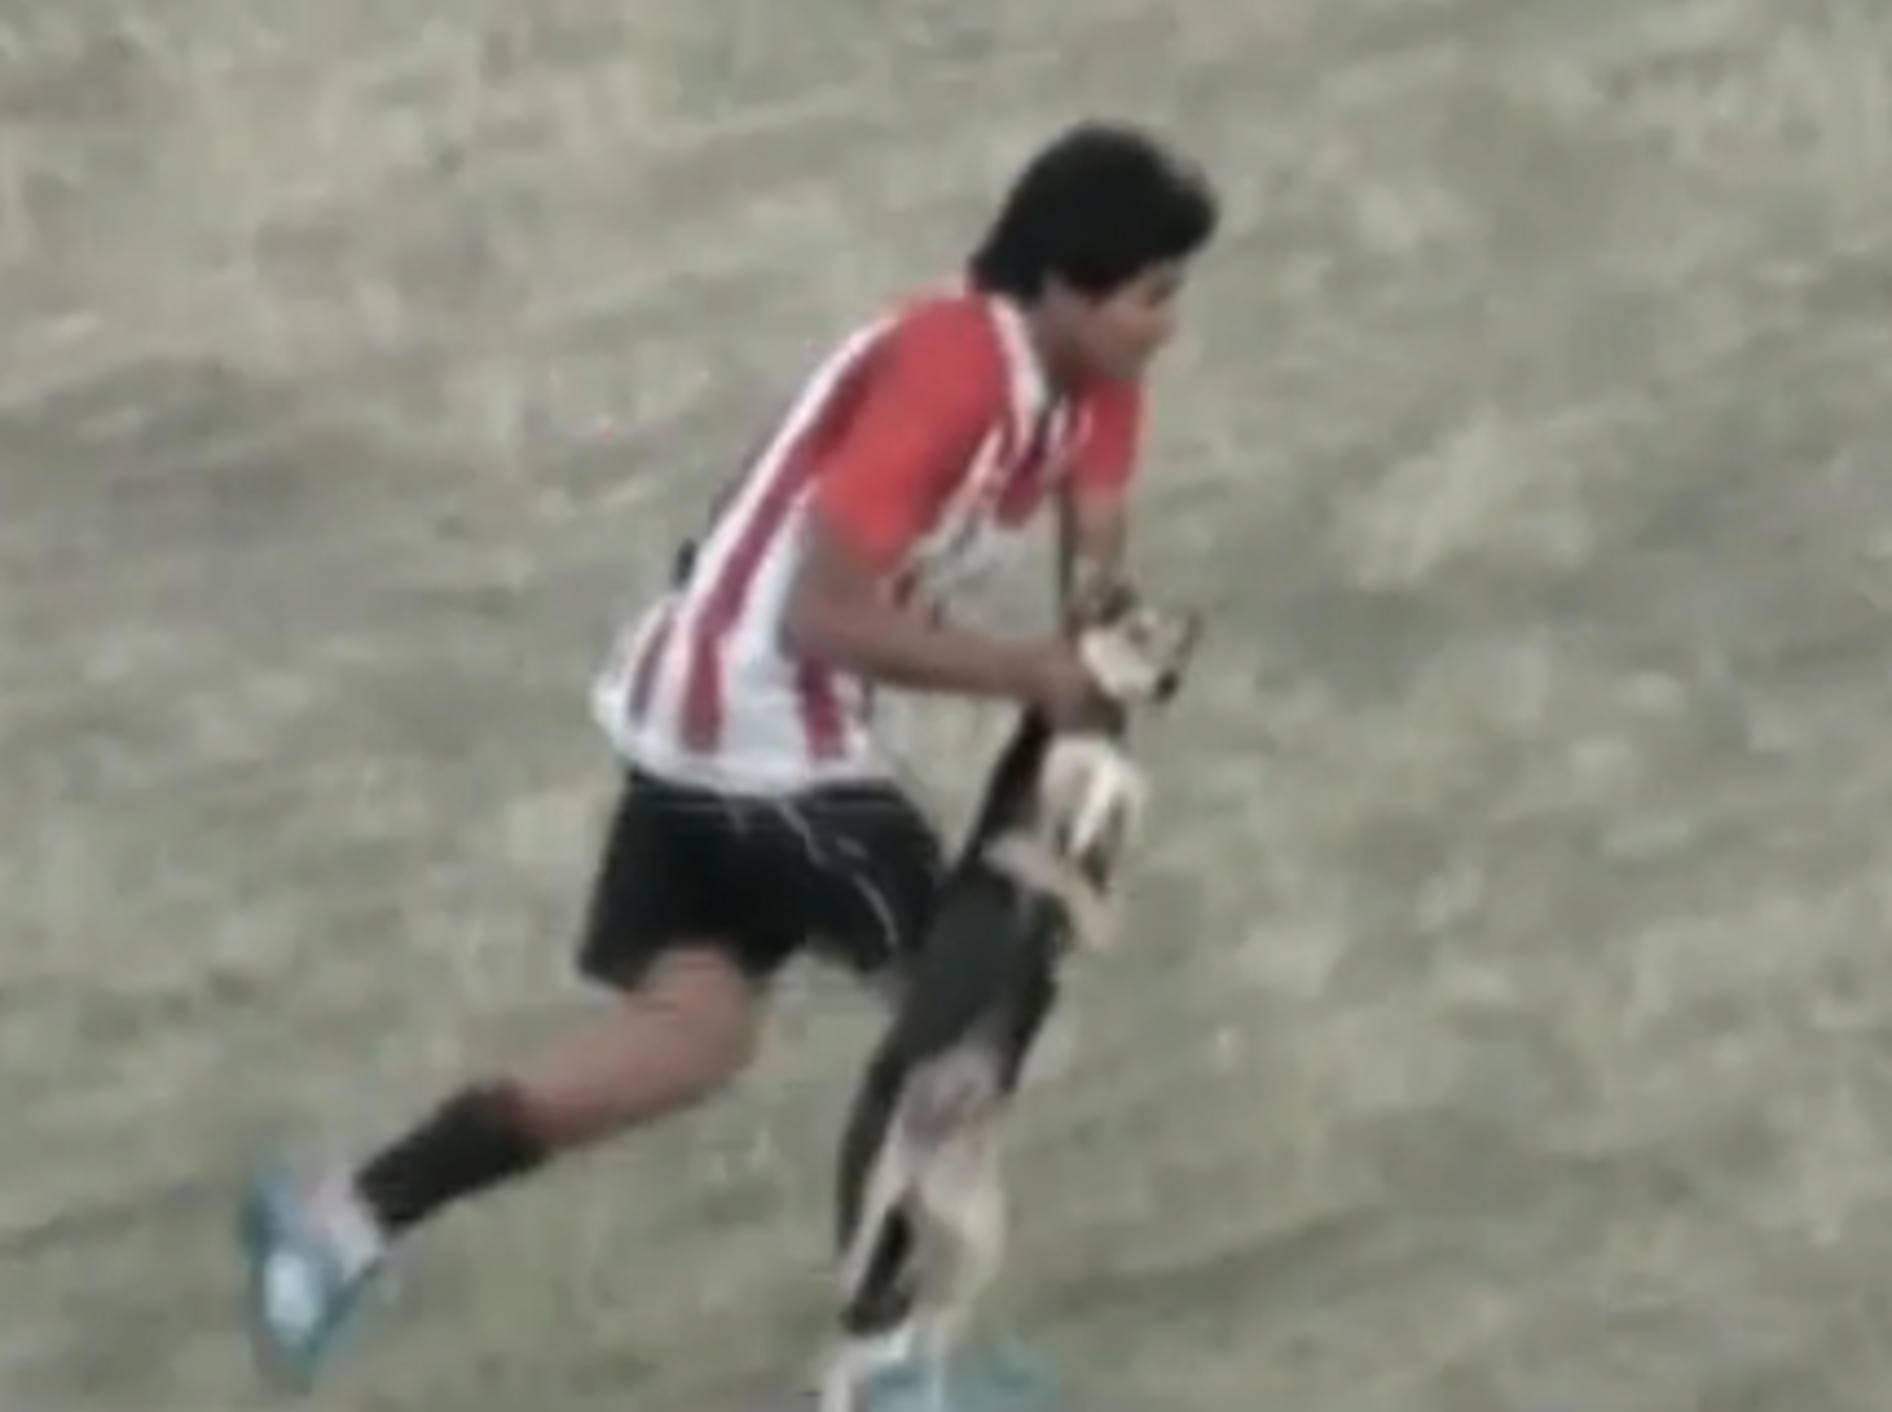 Brutal: Fußballspieler schleudert Hund gegen Zaun